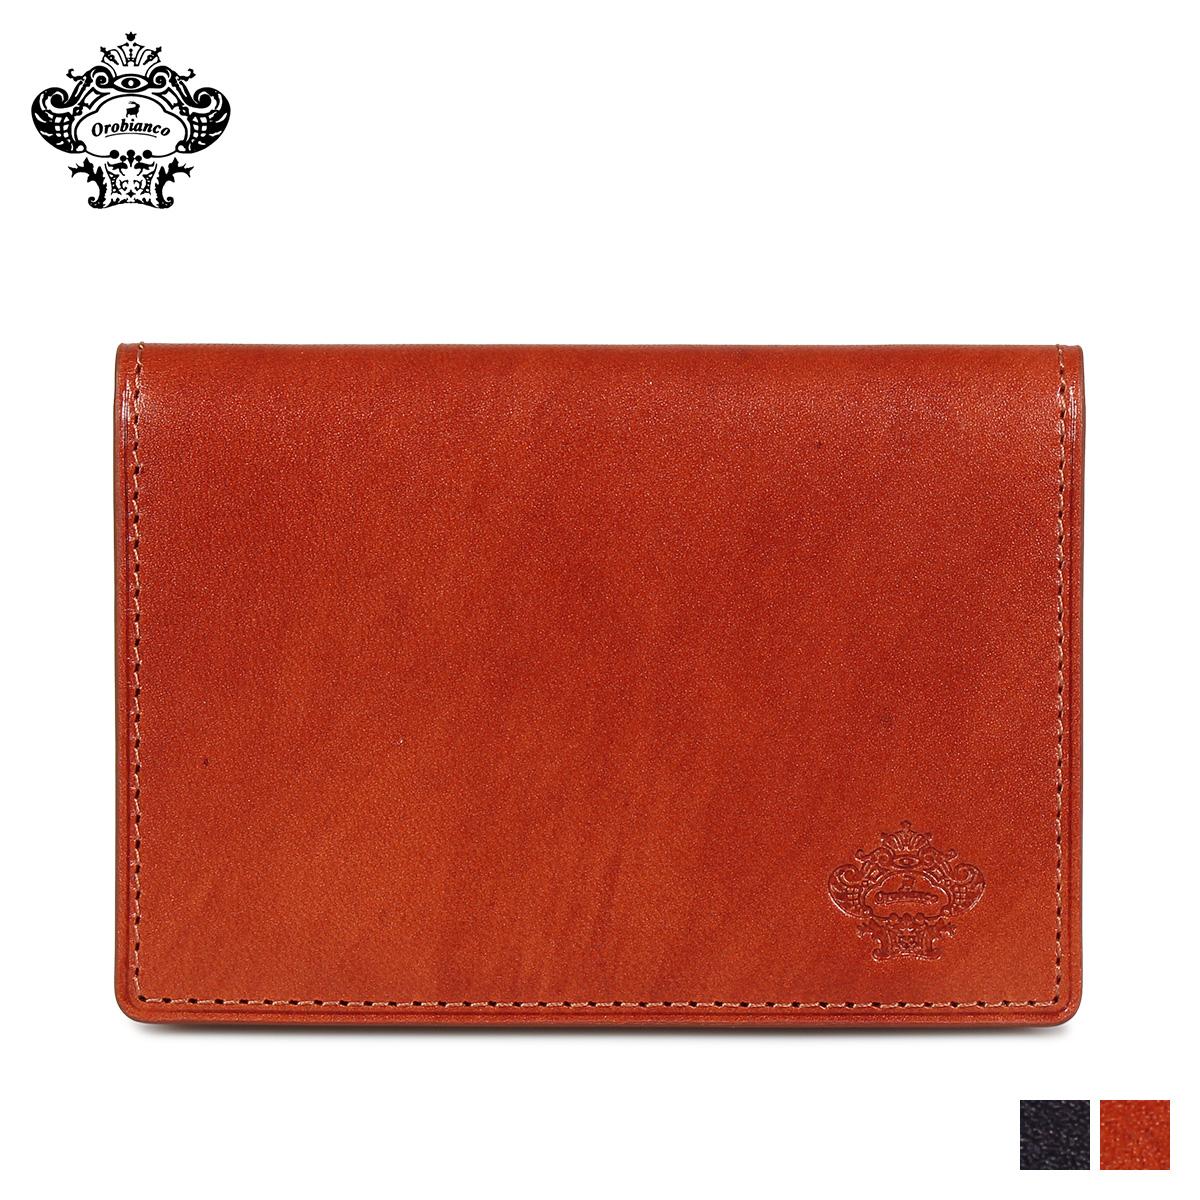 オロビアンコ Orobianco パスケース カードケース ID 定期入れ メンズ 本革 PASS CASE ブラック ブラウン 黒 ORS-011308